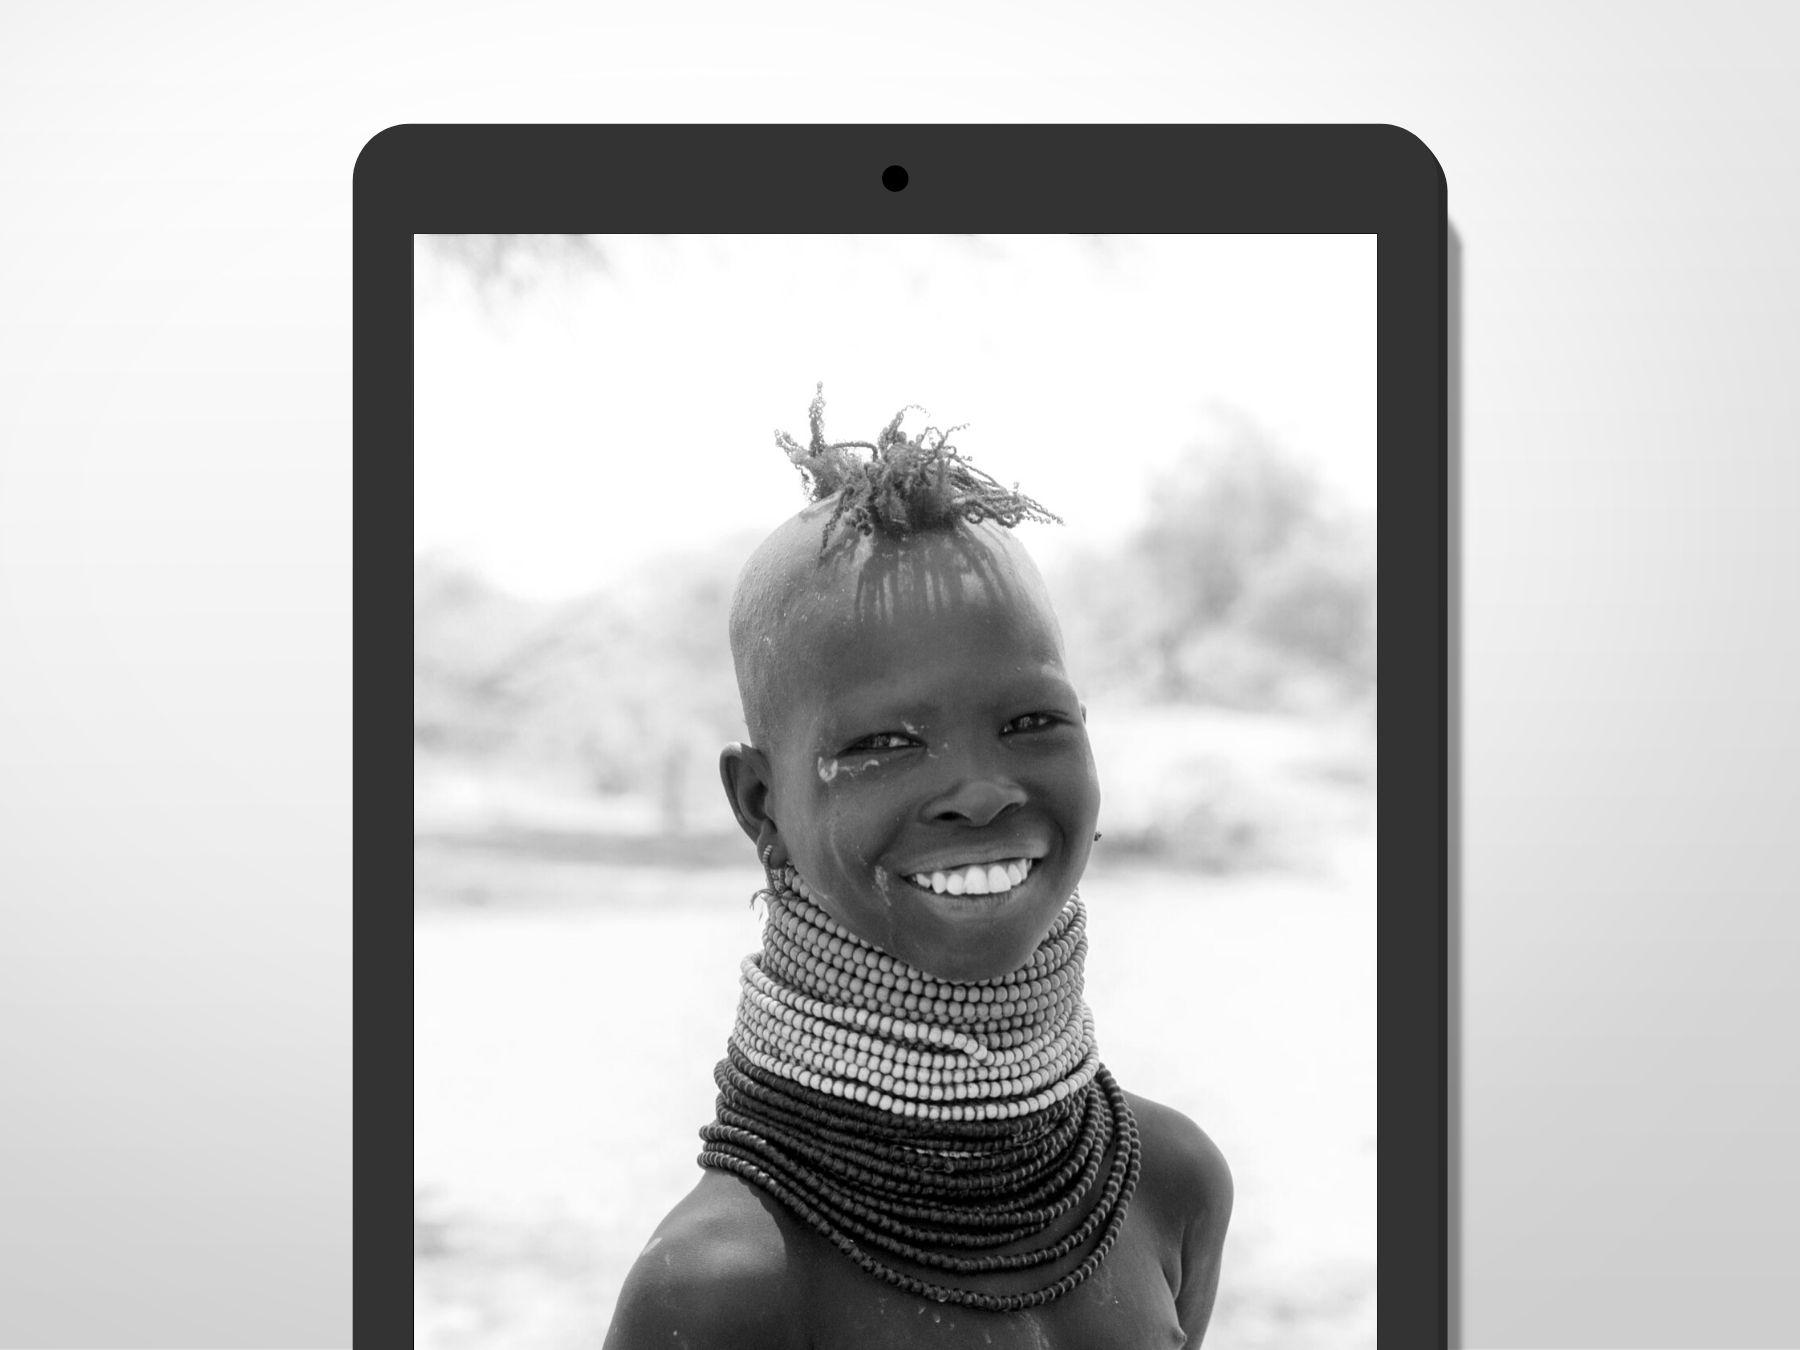 A girl from Turkana, Kenya, smiling at the camera.